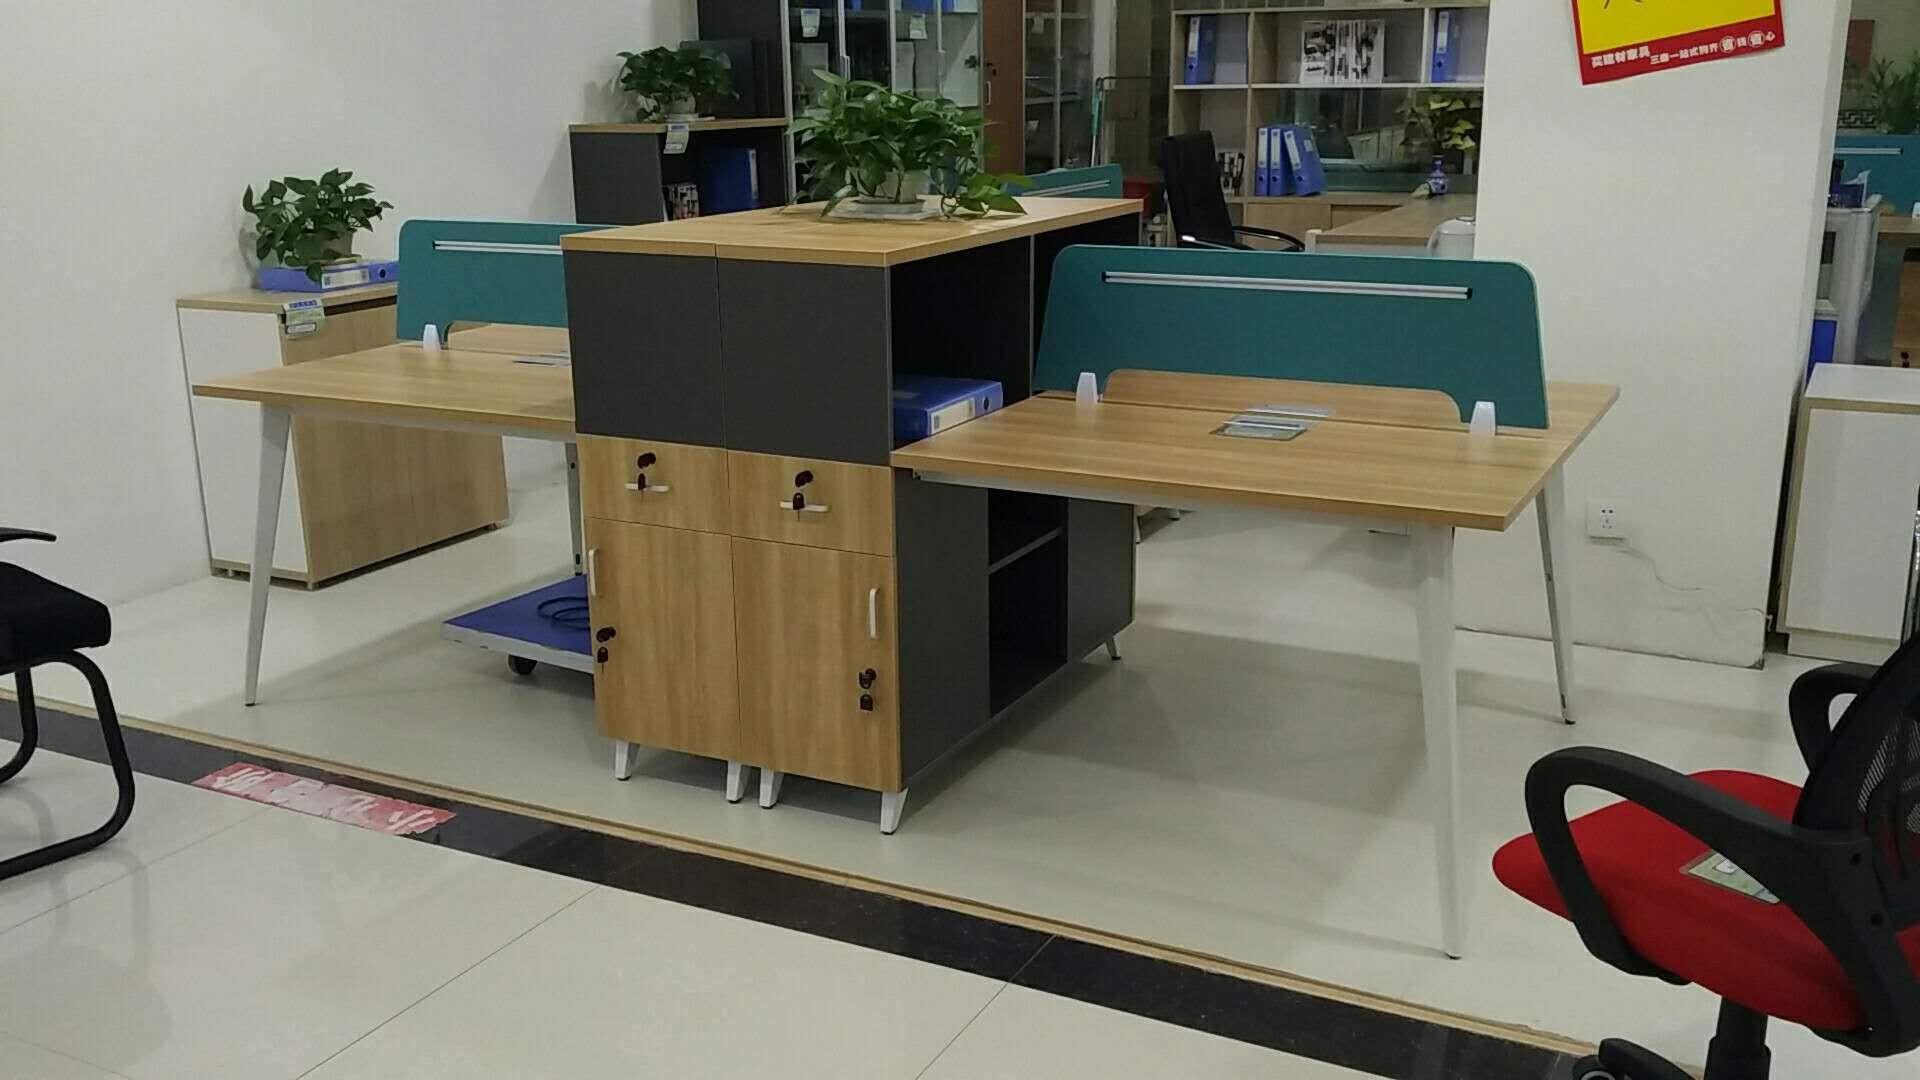 陇南办公桌_哪里可以买到质量好的兰州办公桌